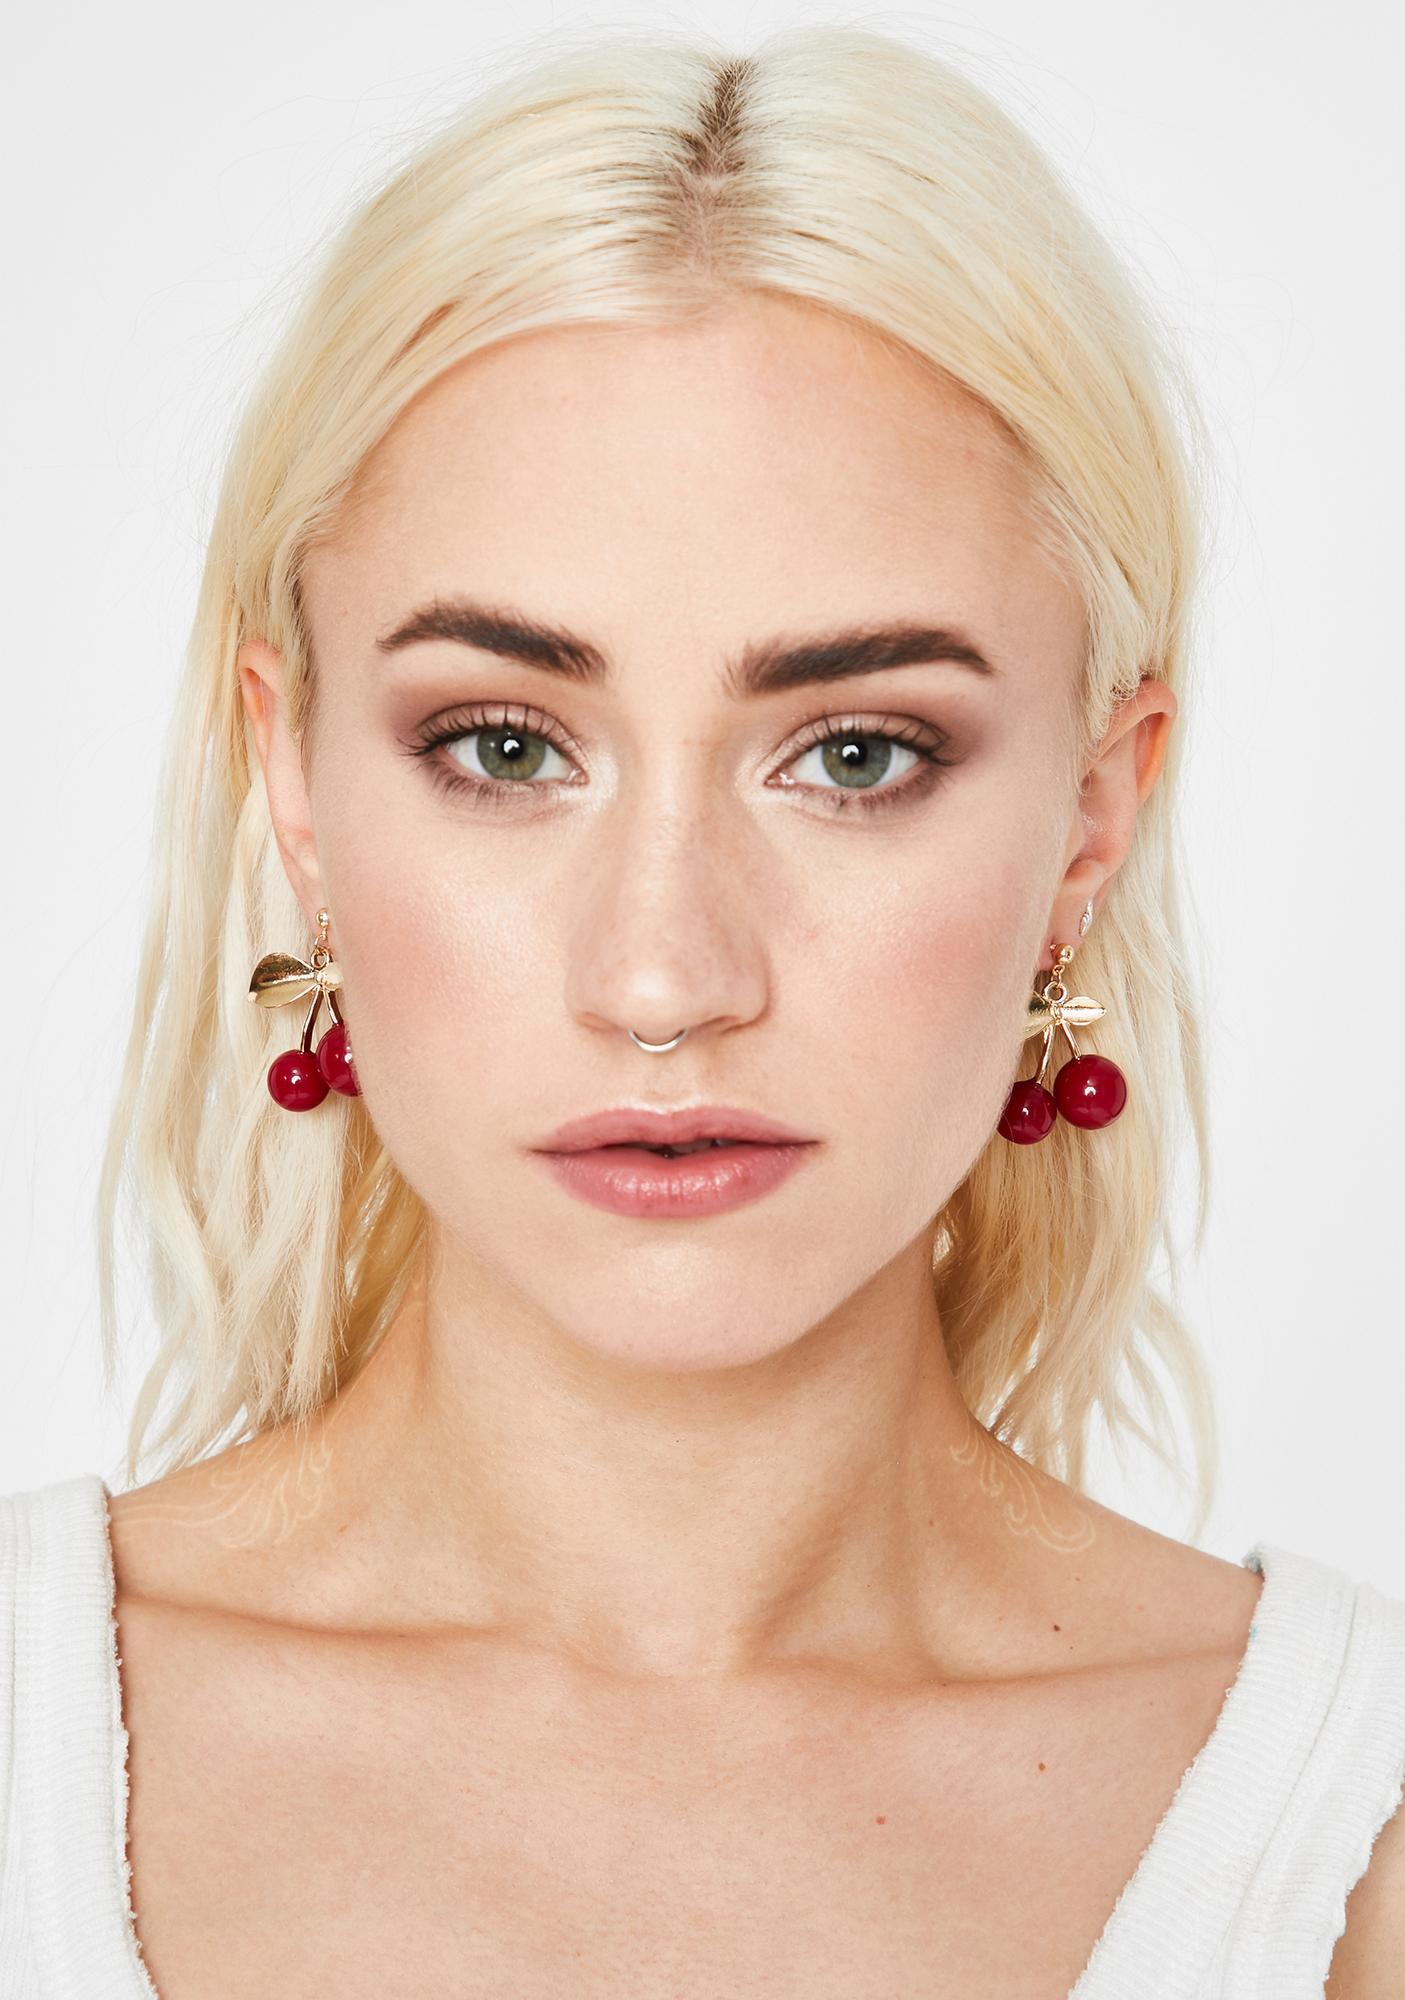 She's My Cherry Pie Earrings